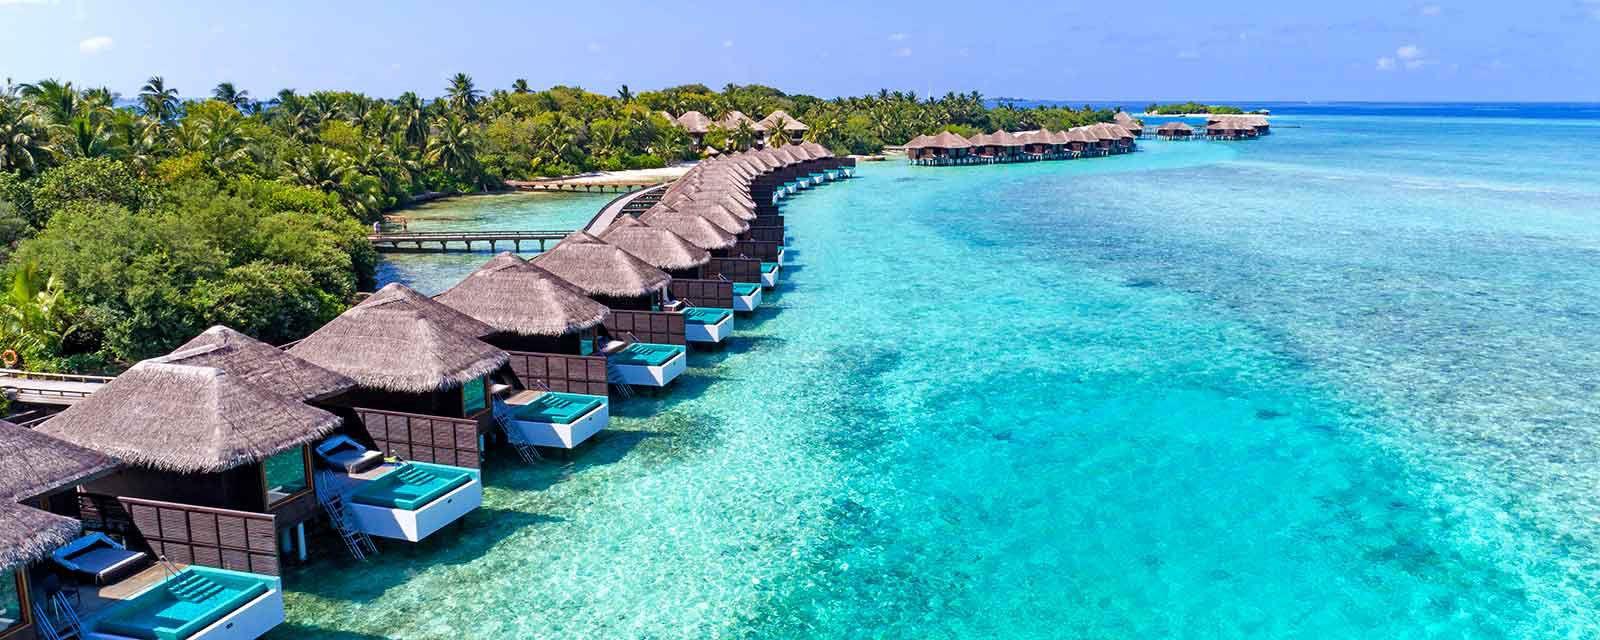 Full Moon Resort